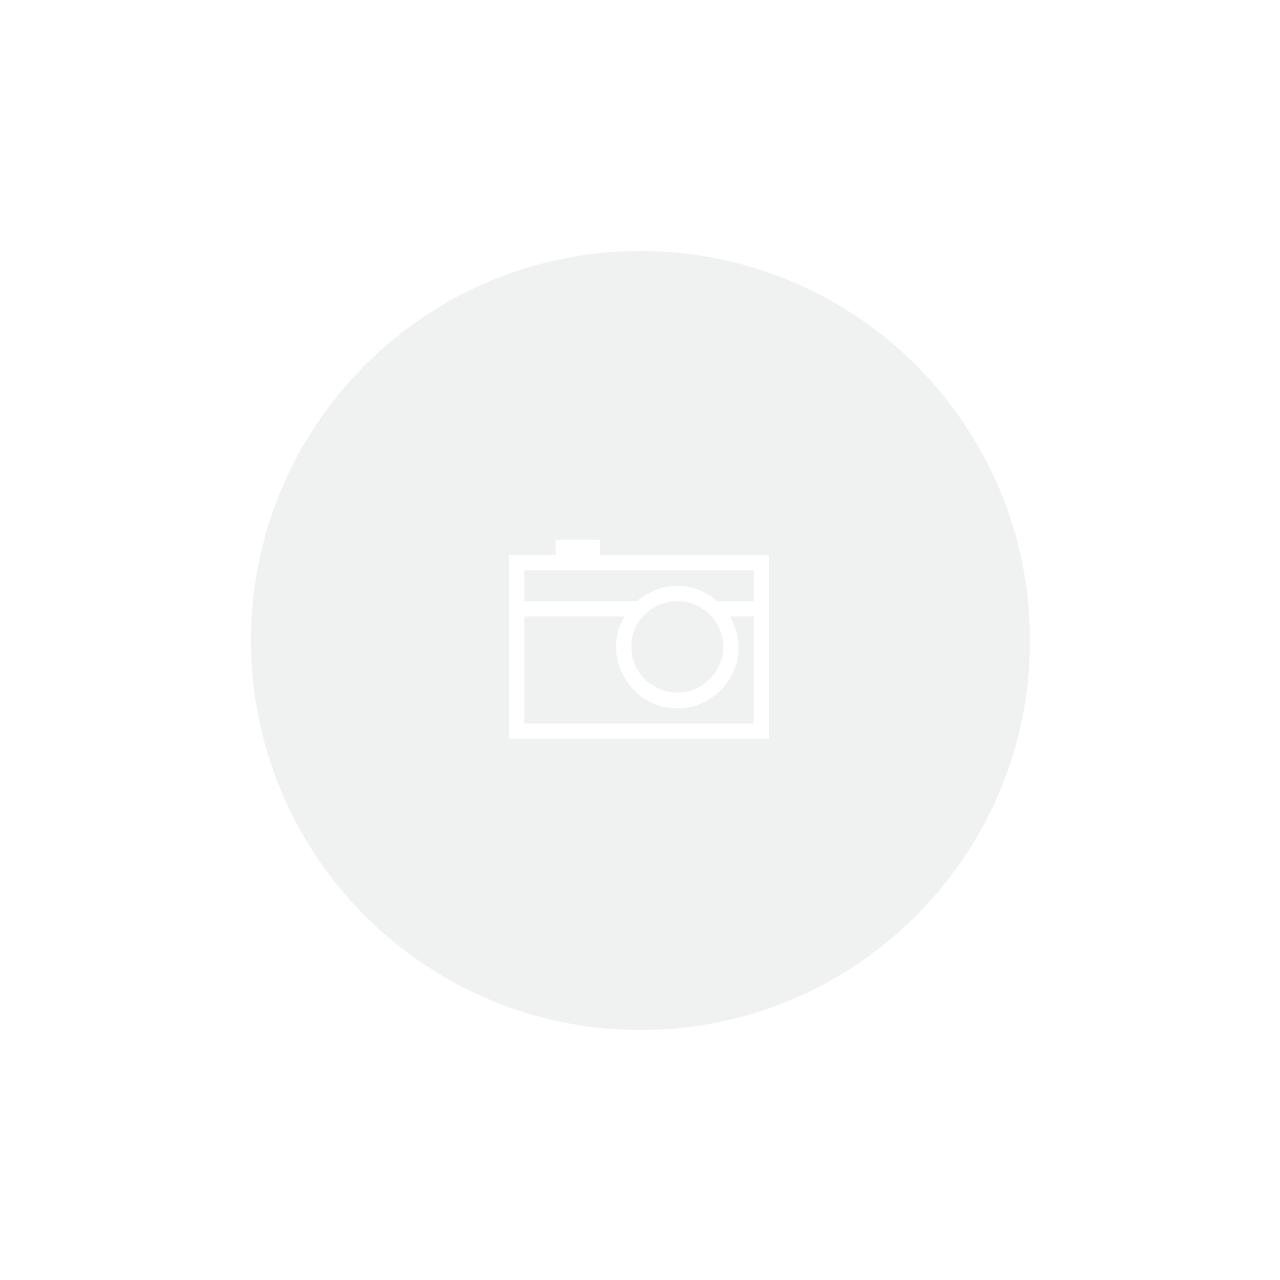 Kit Espumante Courmayeur Moscatel - Compre 5 LEVE 6